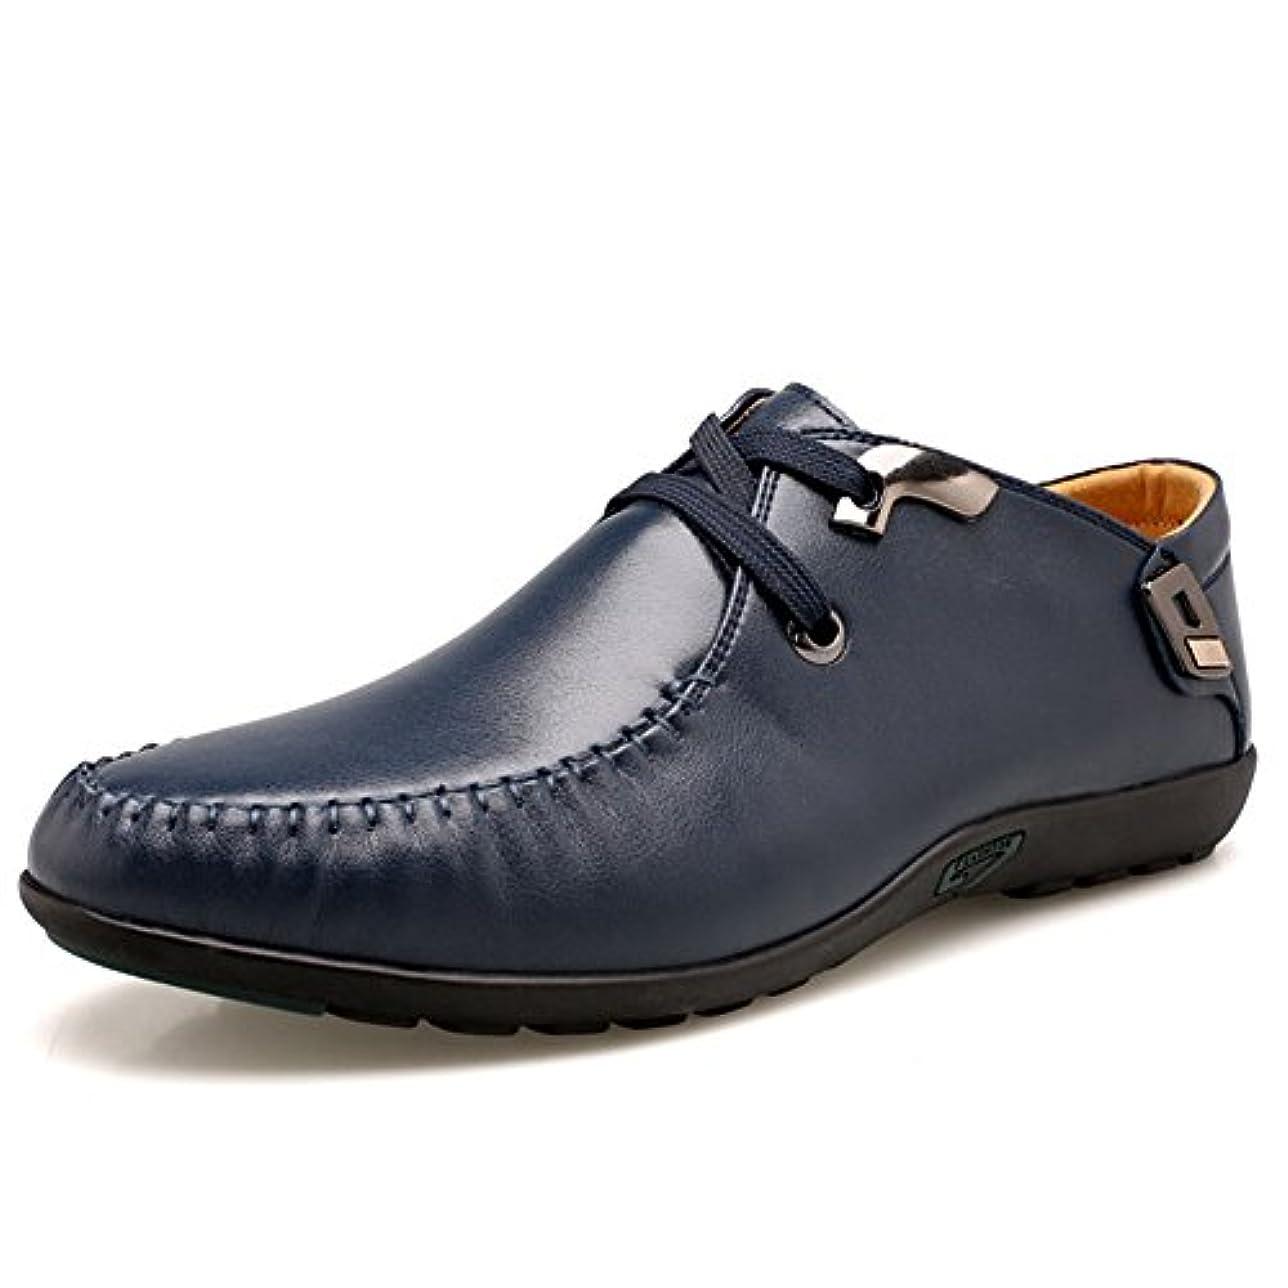 おもちゃみがきます冒険者[HONGJING] ドライビングシューズ メンズ カジュアル 紳士靴 ビジネスシューズ デッキシューズ スリッポン 歩きやすい オフィス 通勤 通気 出張 旅行 トラベル オシャレ